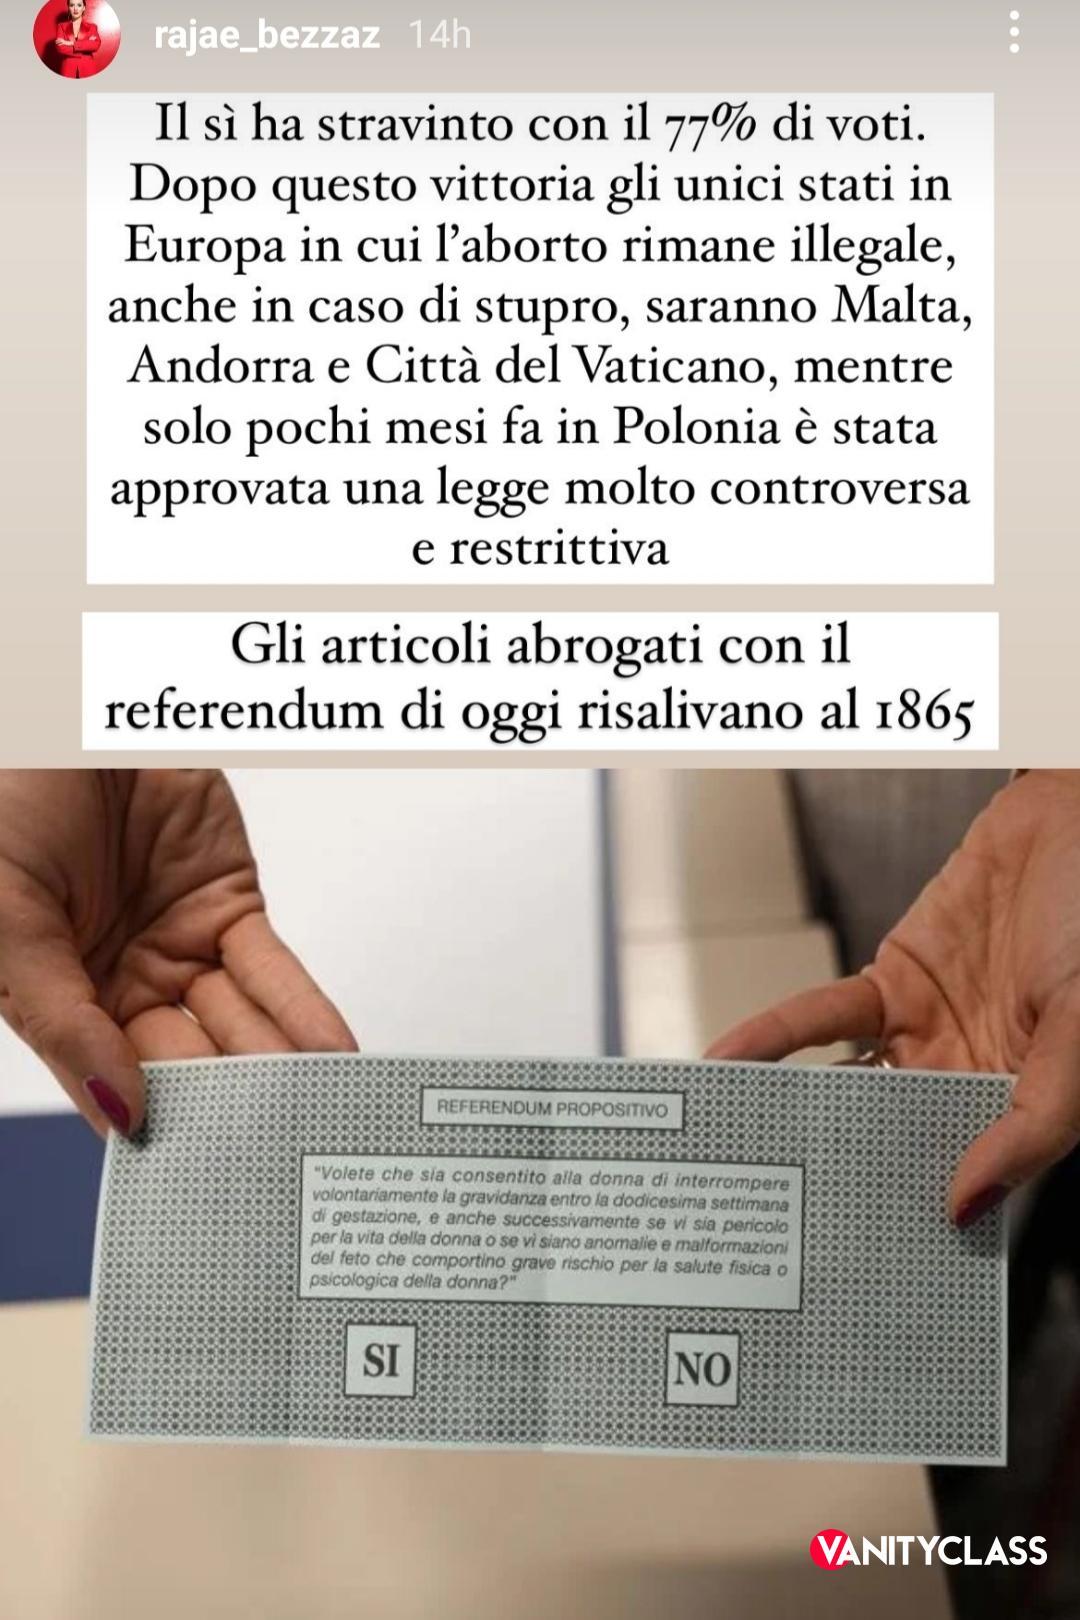 """Rajae Bezzaz: """"Questa notte a San Marino ha vinto il Sì per il referendum sull'aborto"""""""